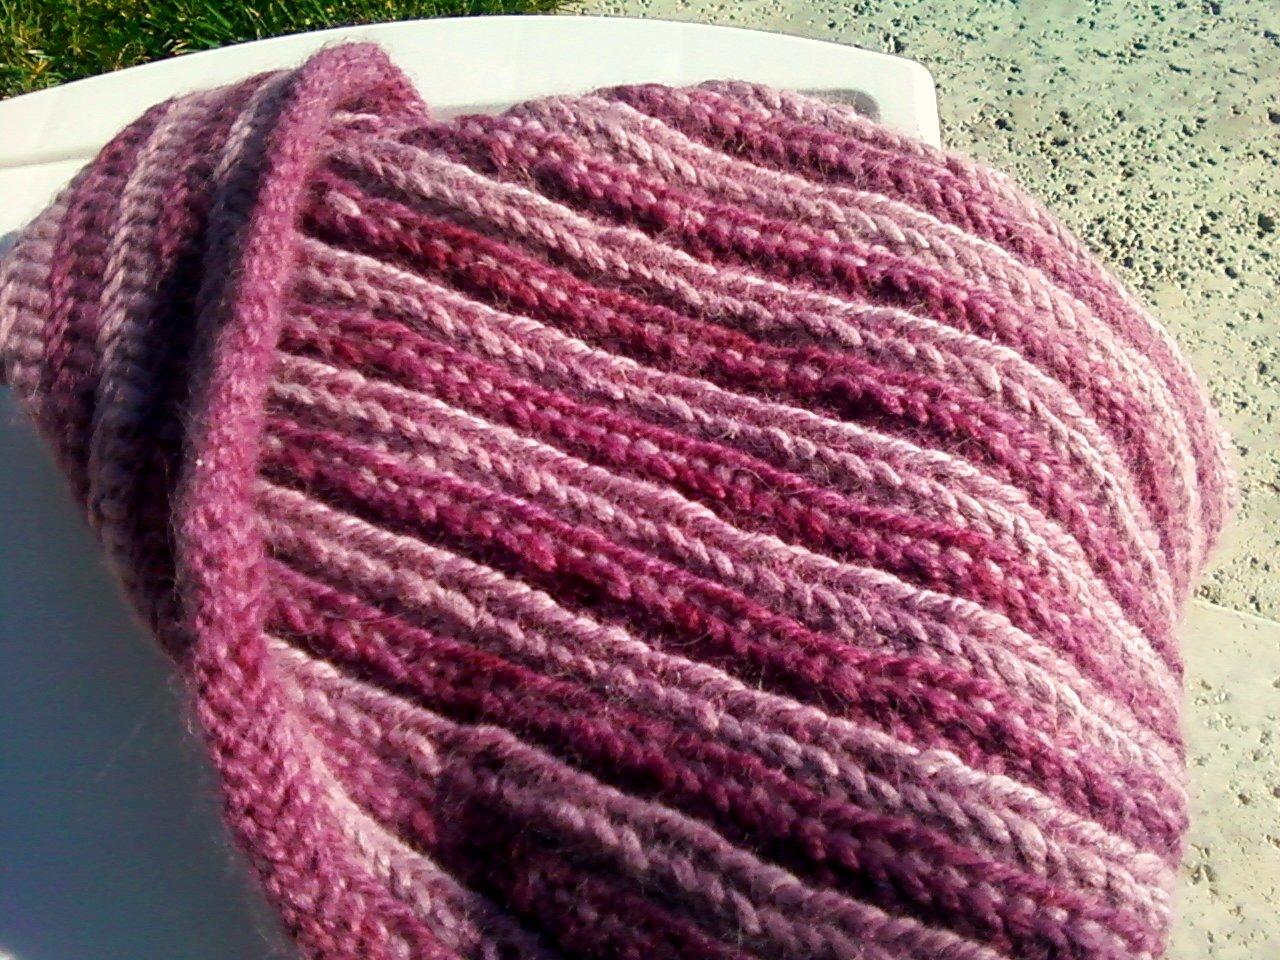 Braided Cowl Knitting Pattern : Anacapa Knits: Free Pattern: Fishtail Braid Cowl!